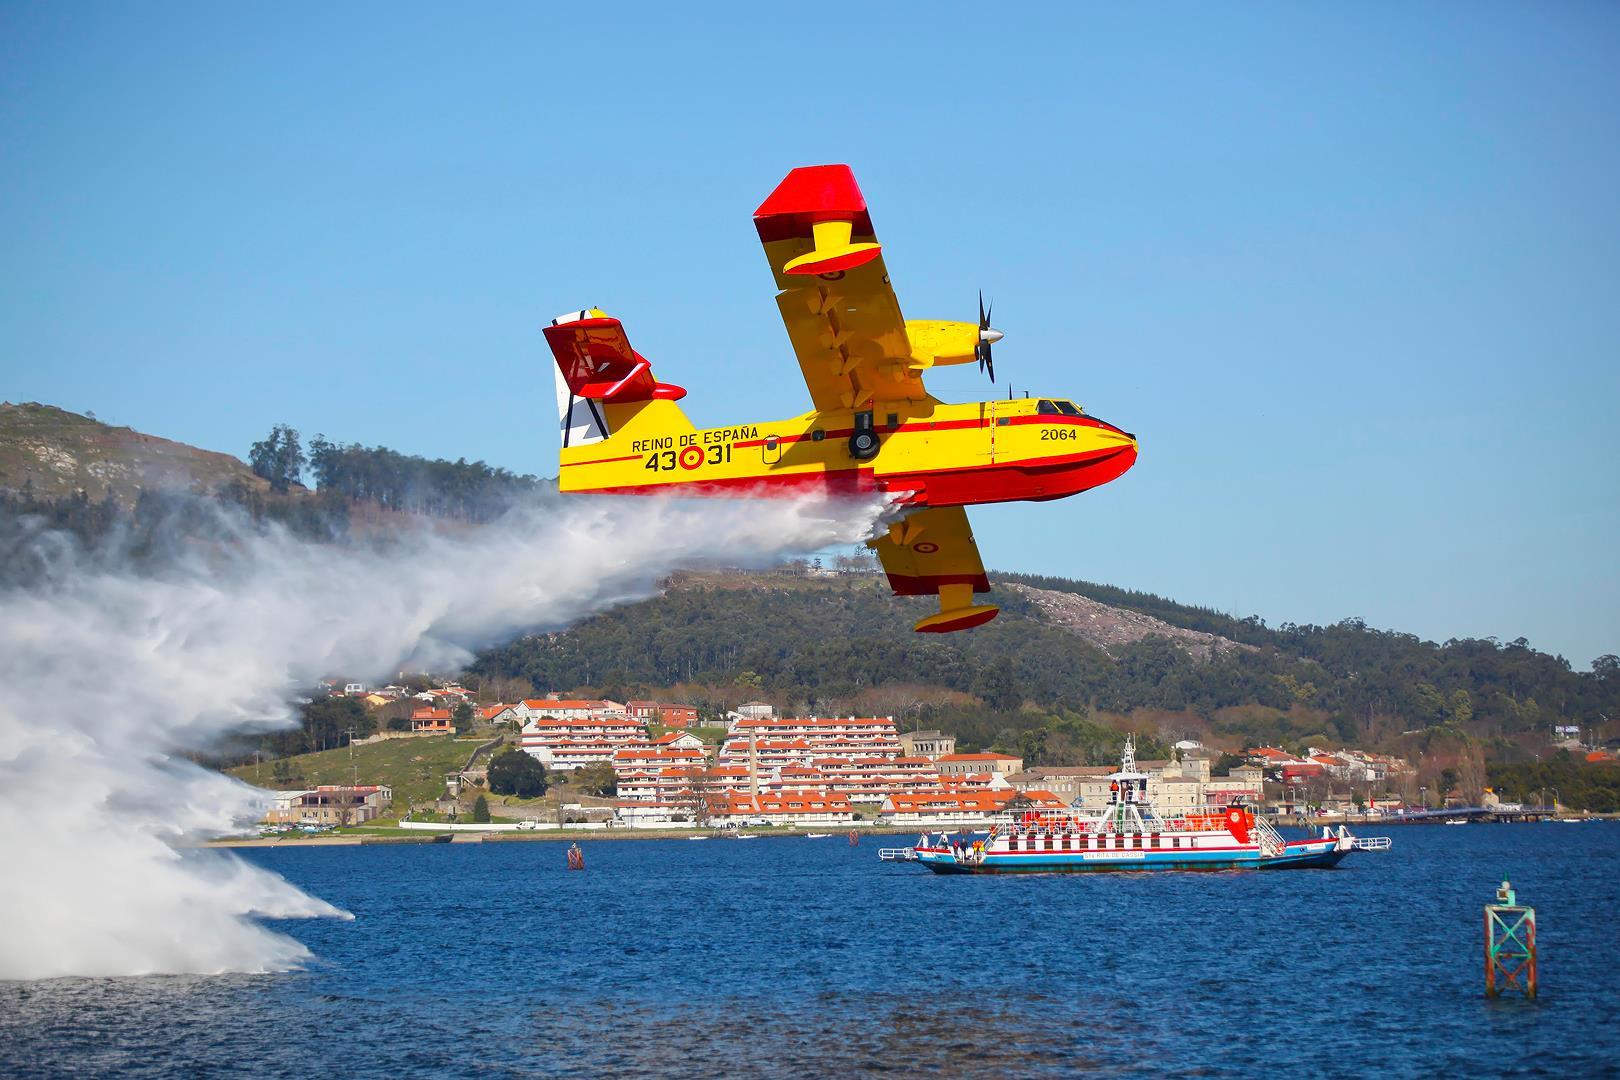 """Capitão do Porto de Caminha diz que emergência transfronteiriça precisa de """"menos burocracia"""""""